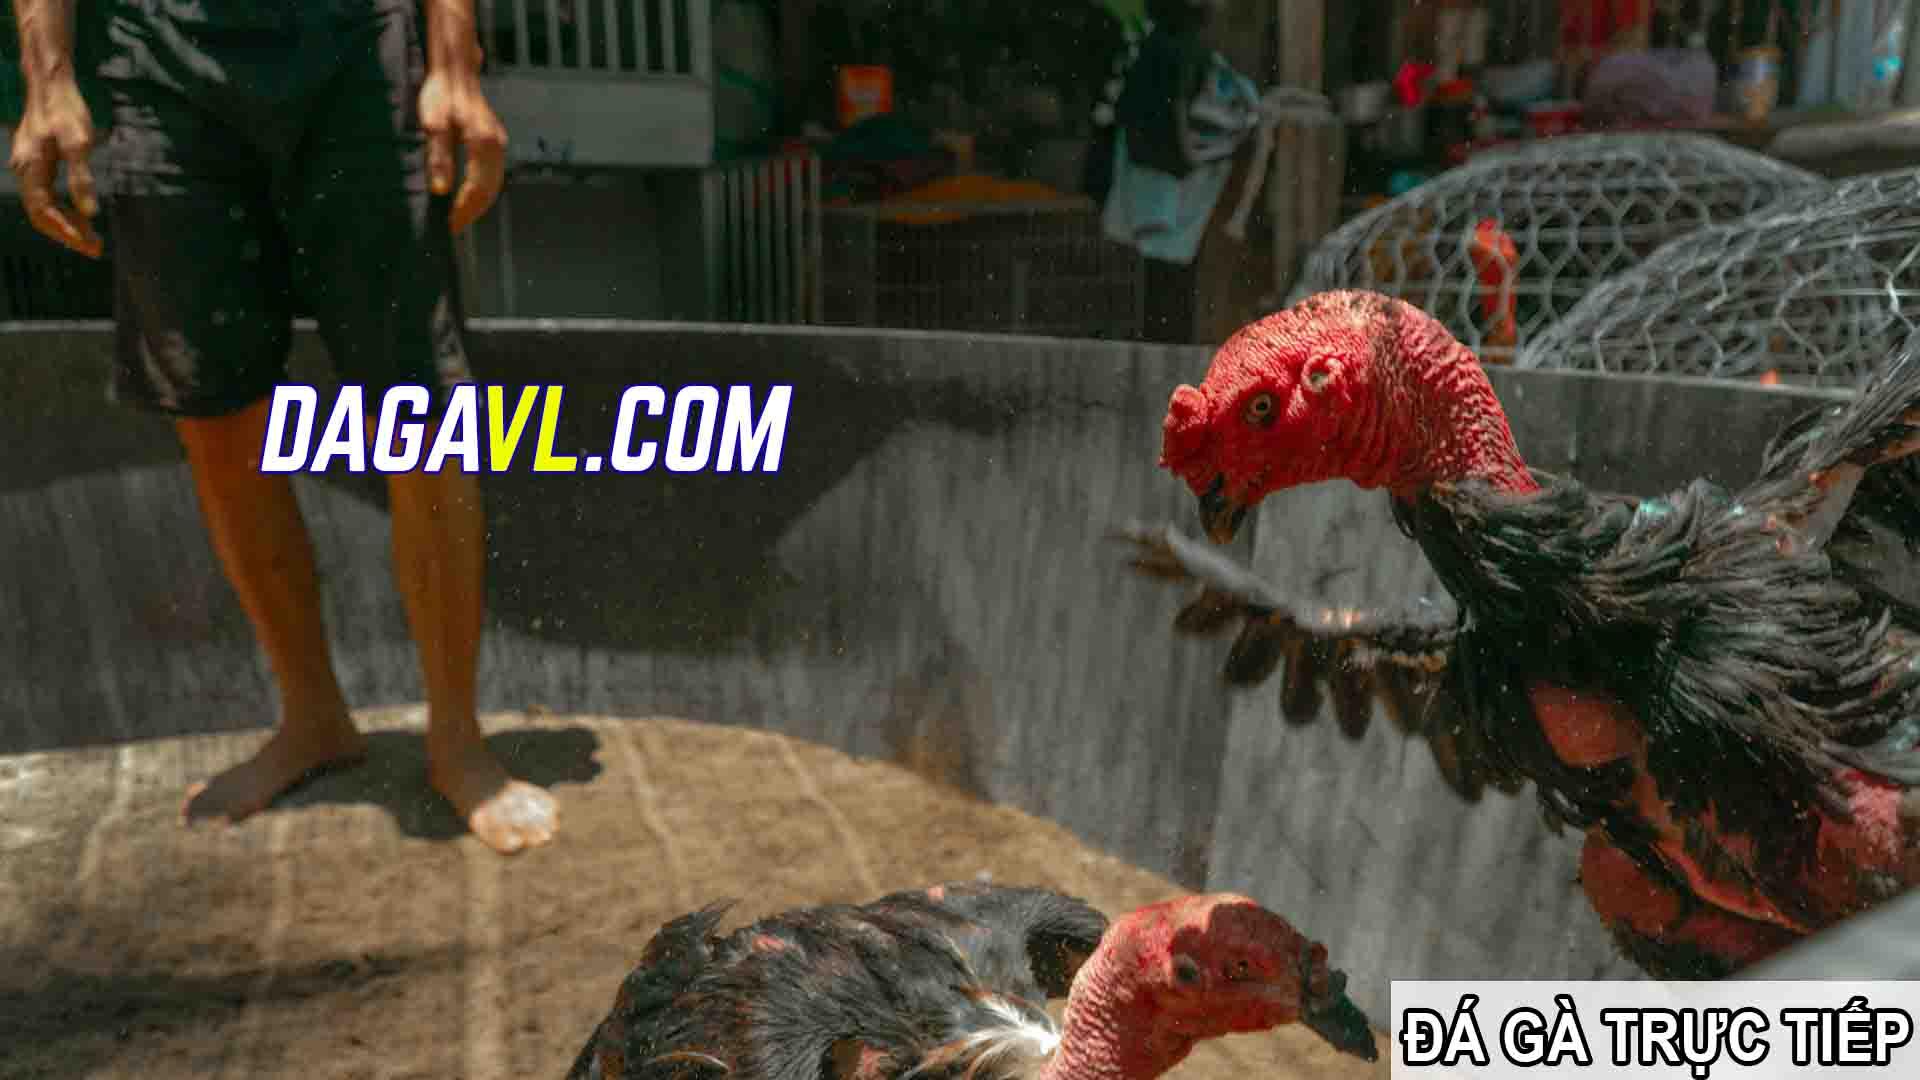 DAGAVL.COM - đá gà trực tiếp. Gà đá những hình ảnh đẹp nhất gà nòi